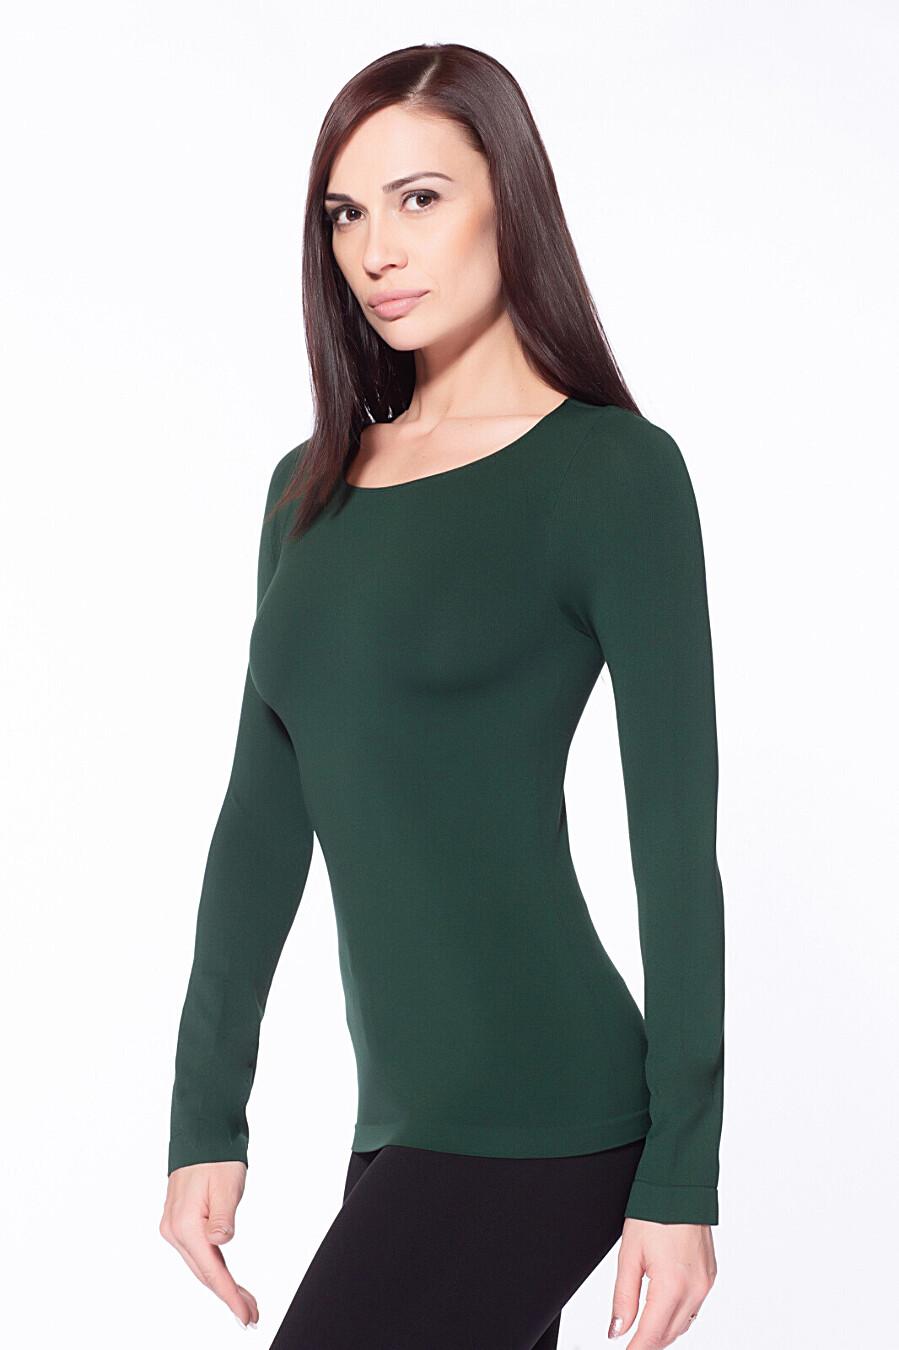 Джемпер для женщин GIULIA 111152 купить оптом от производителя. Совместная покупка женской одежды в OptMoyo